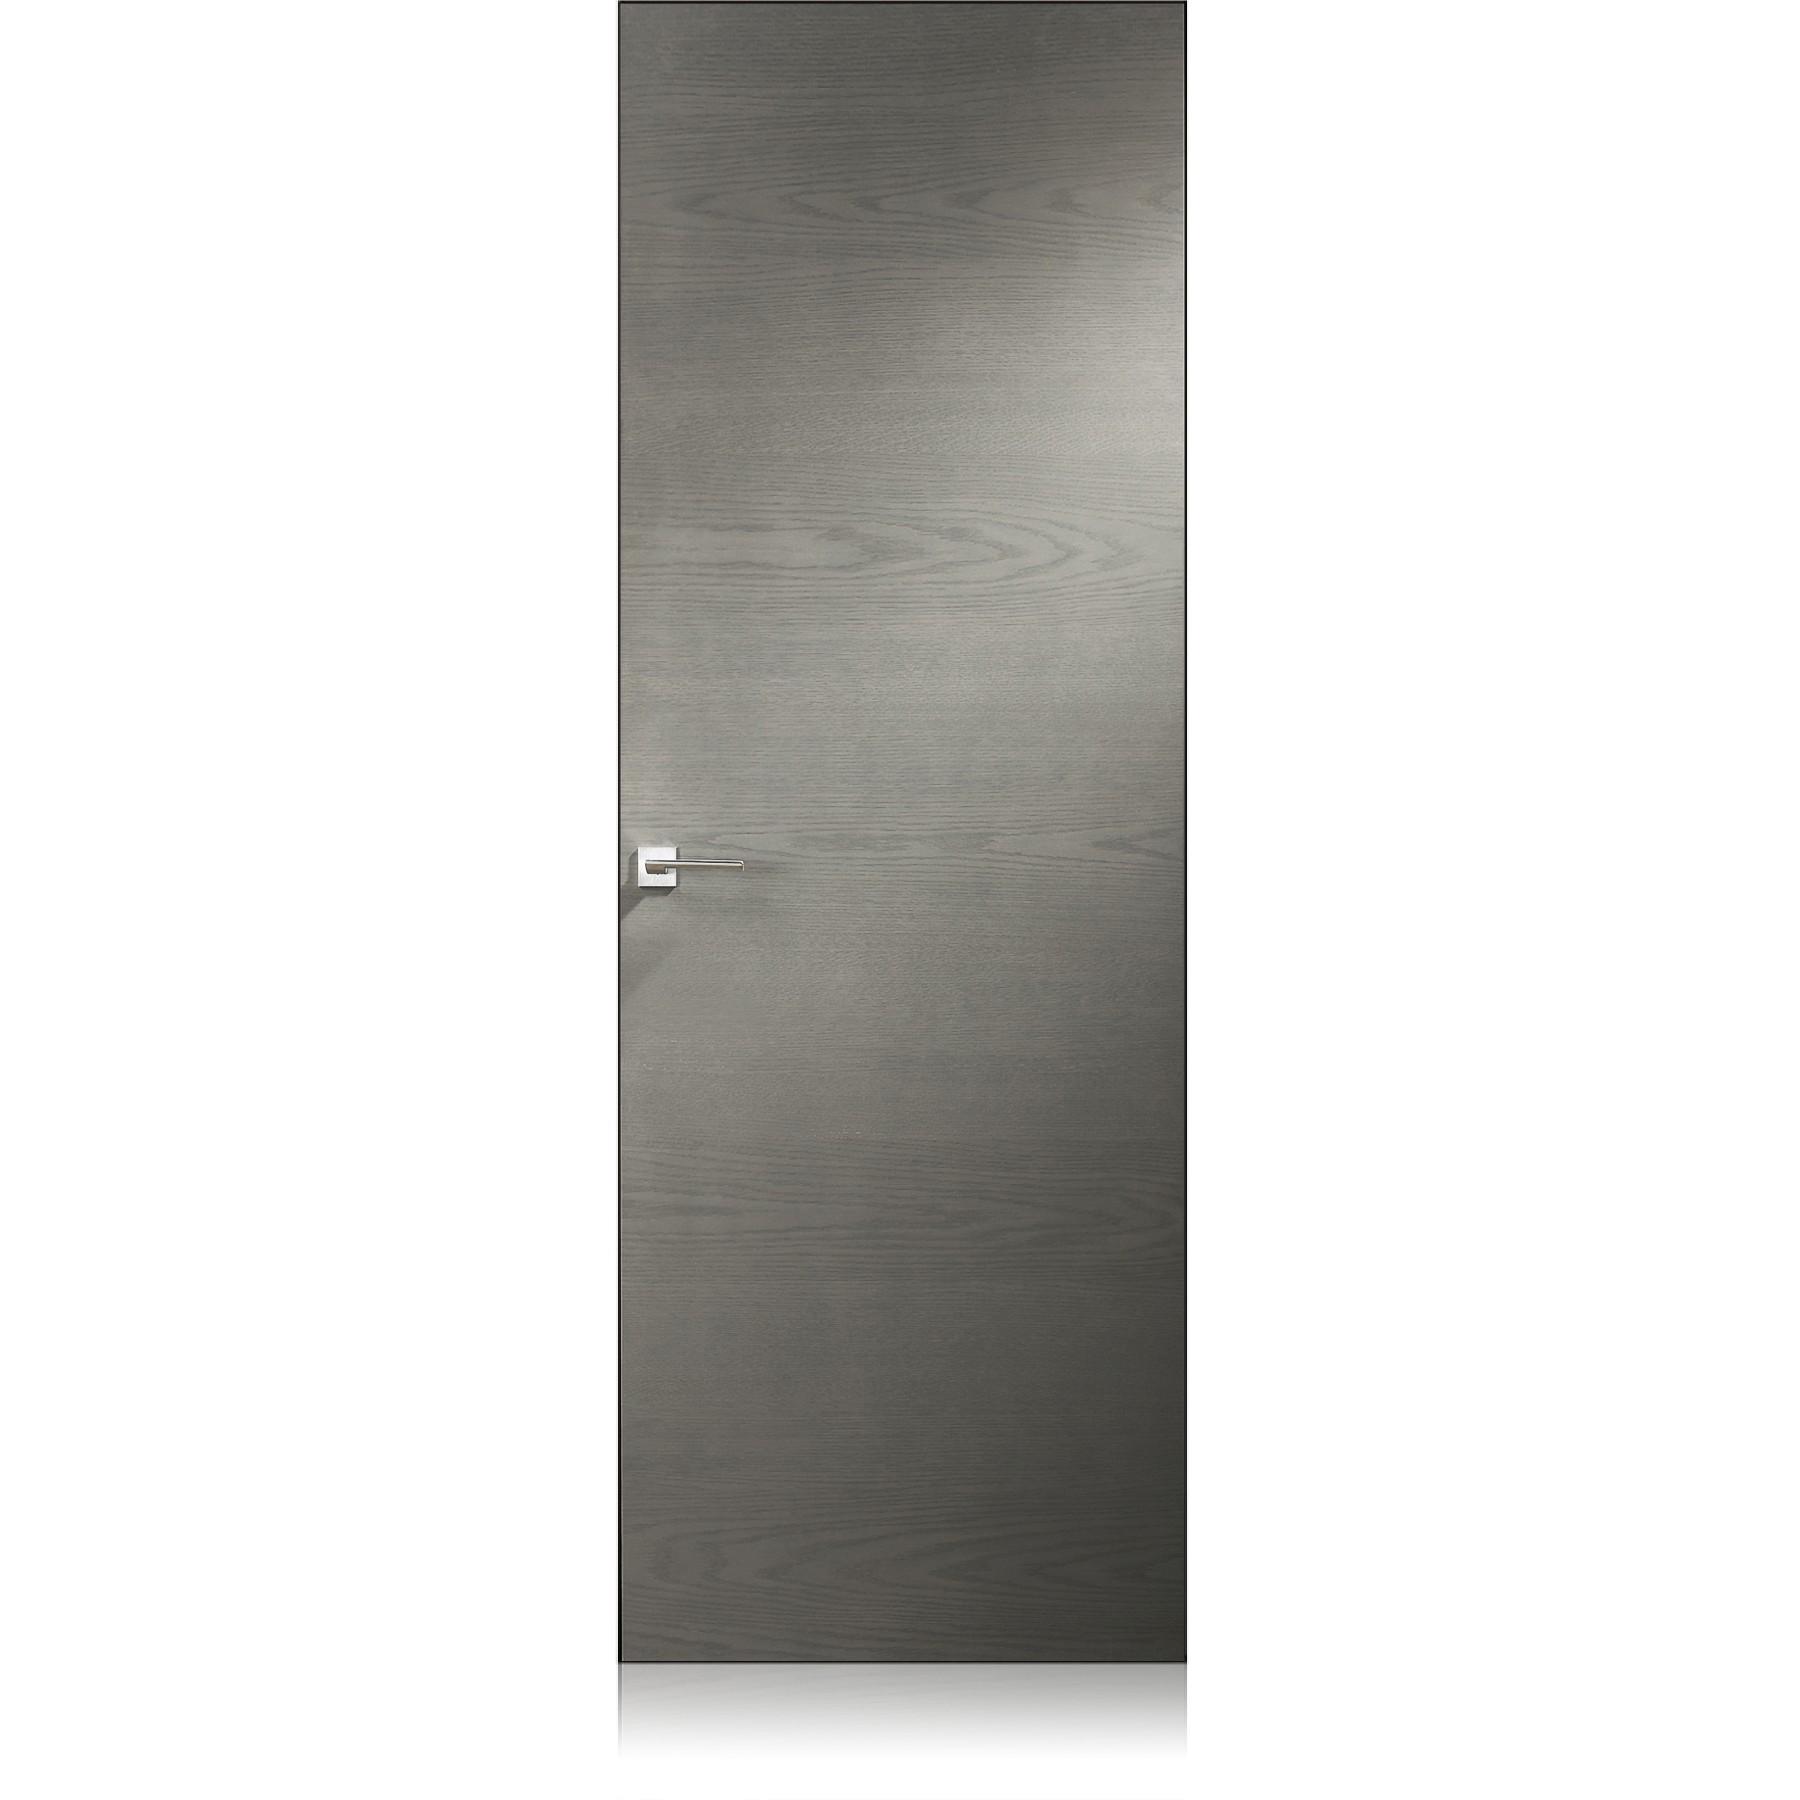 Porta Equa Zero ecorovere grigio